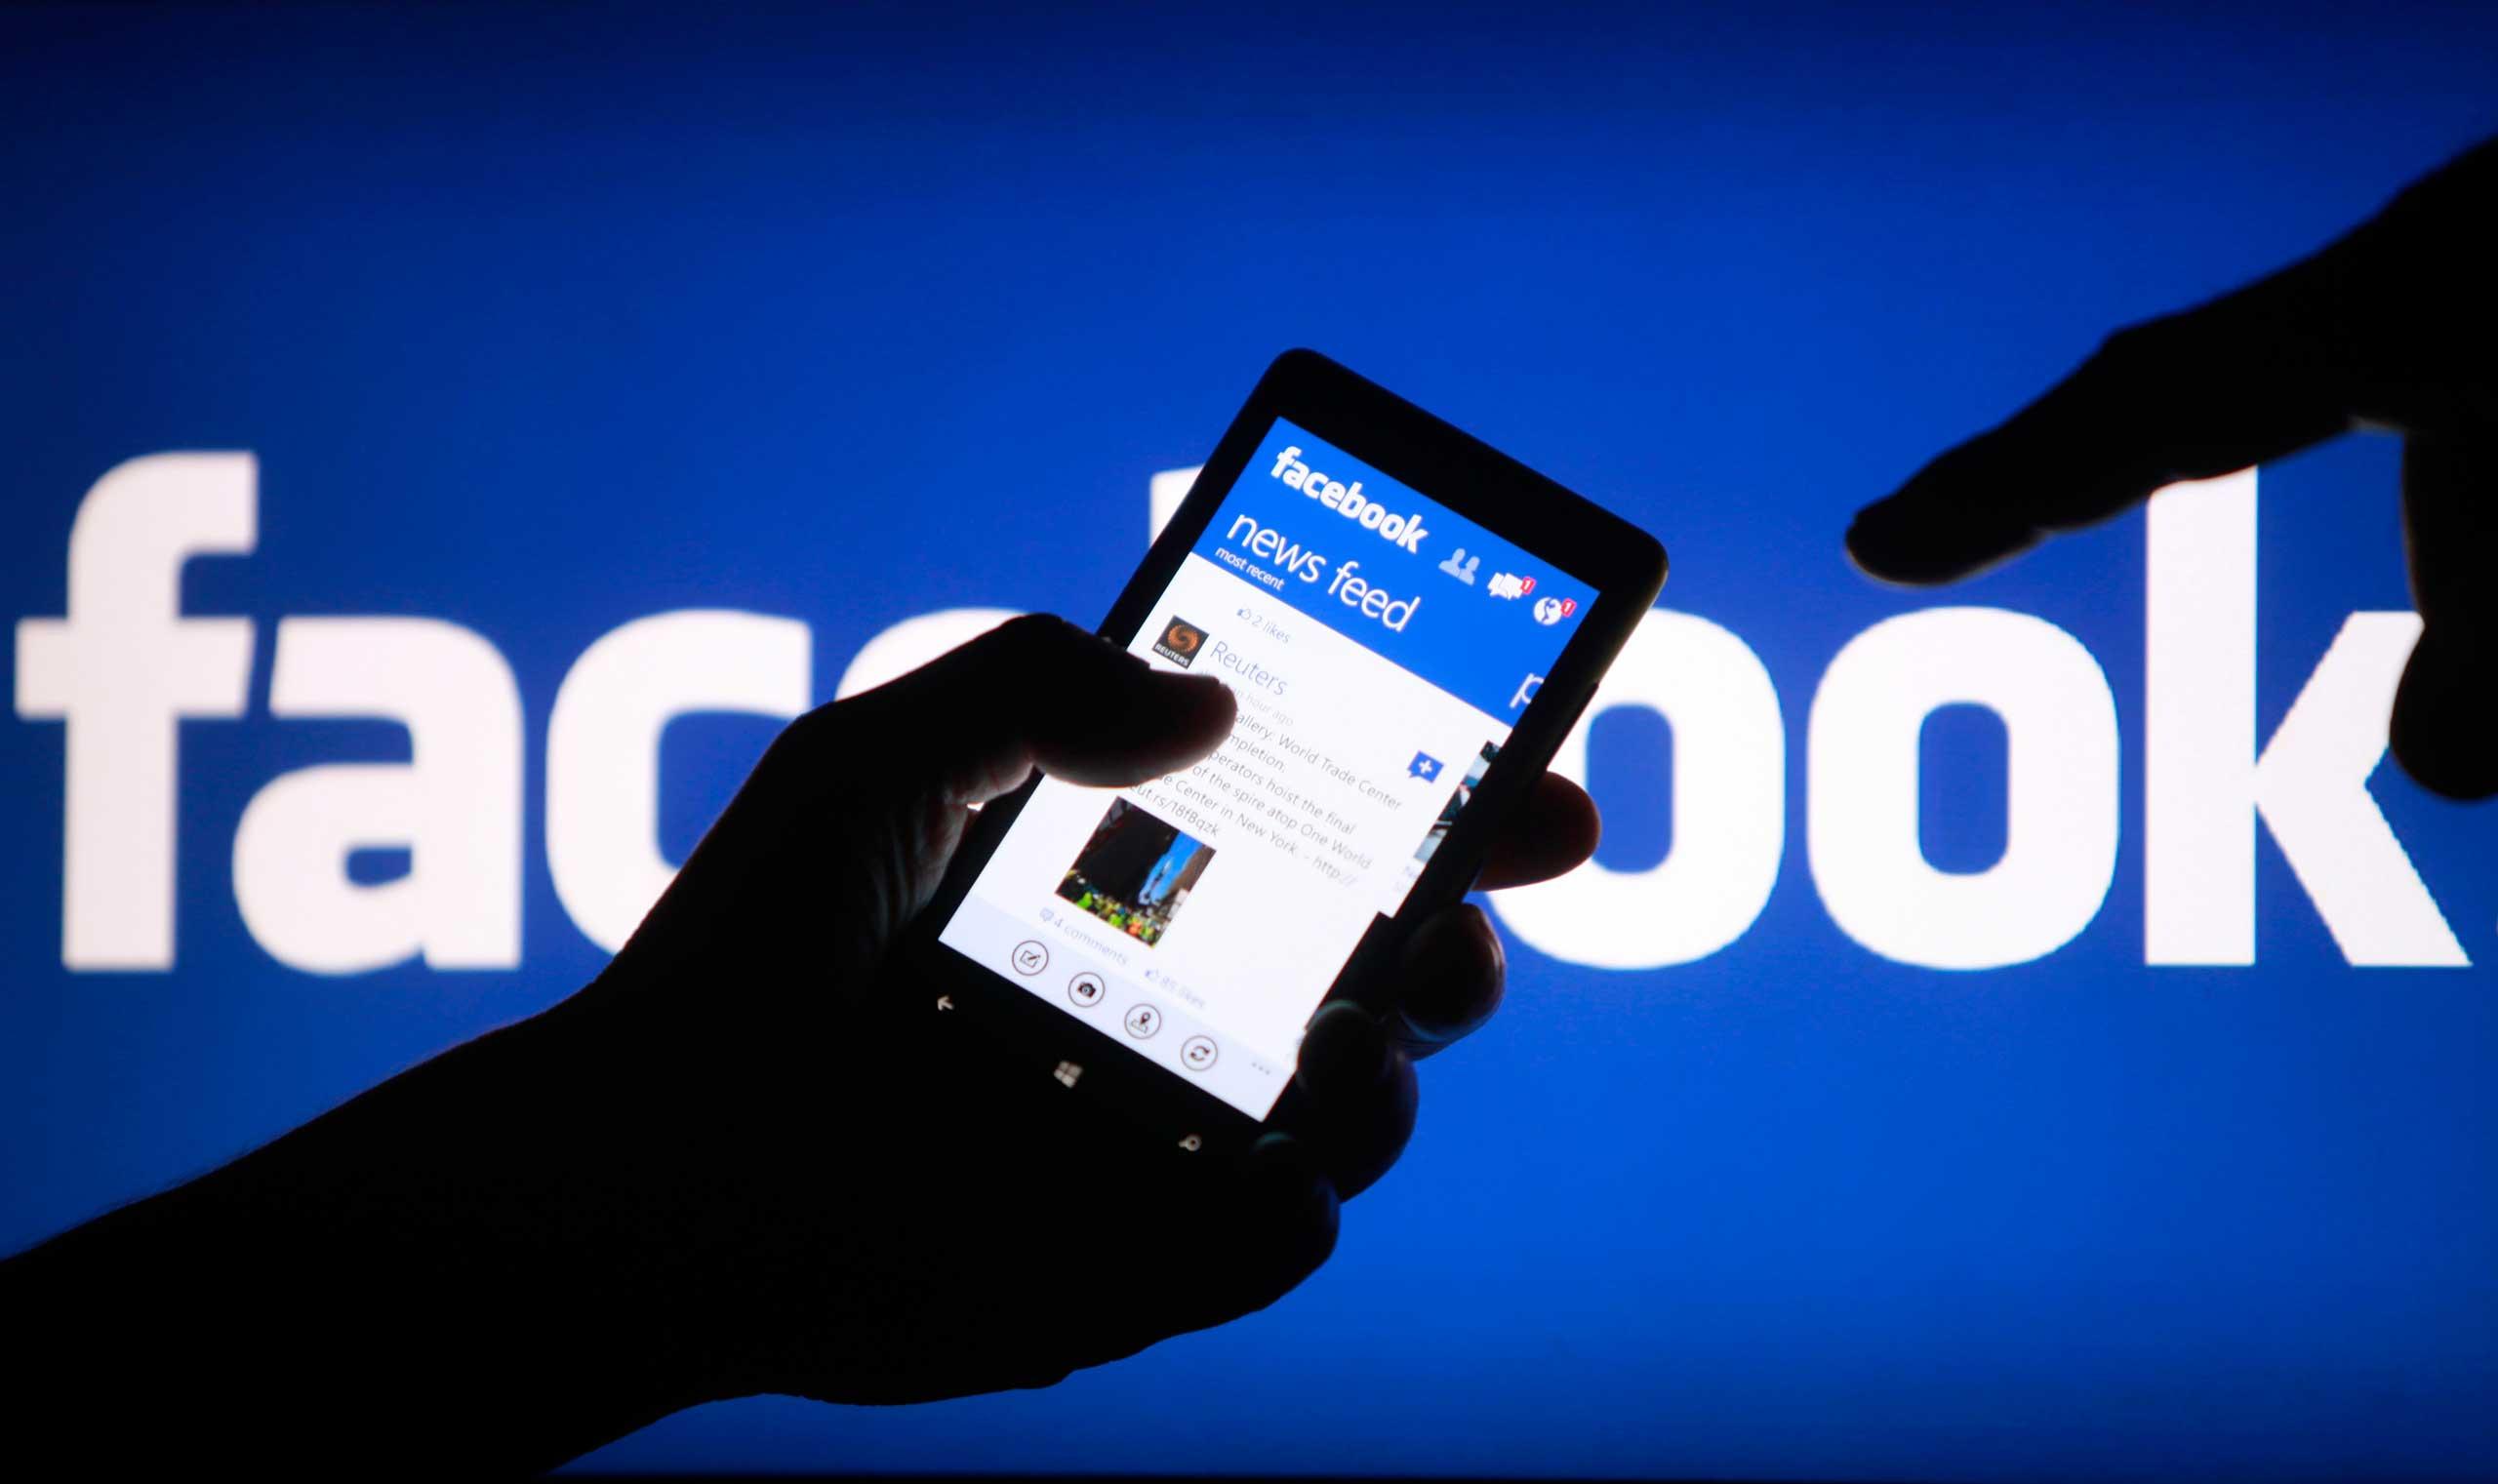 Восстановить доступ к аккаунту, если заблокирован Фейсбук